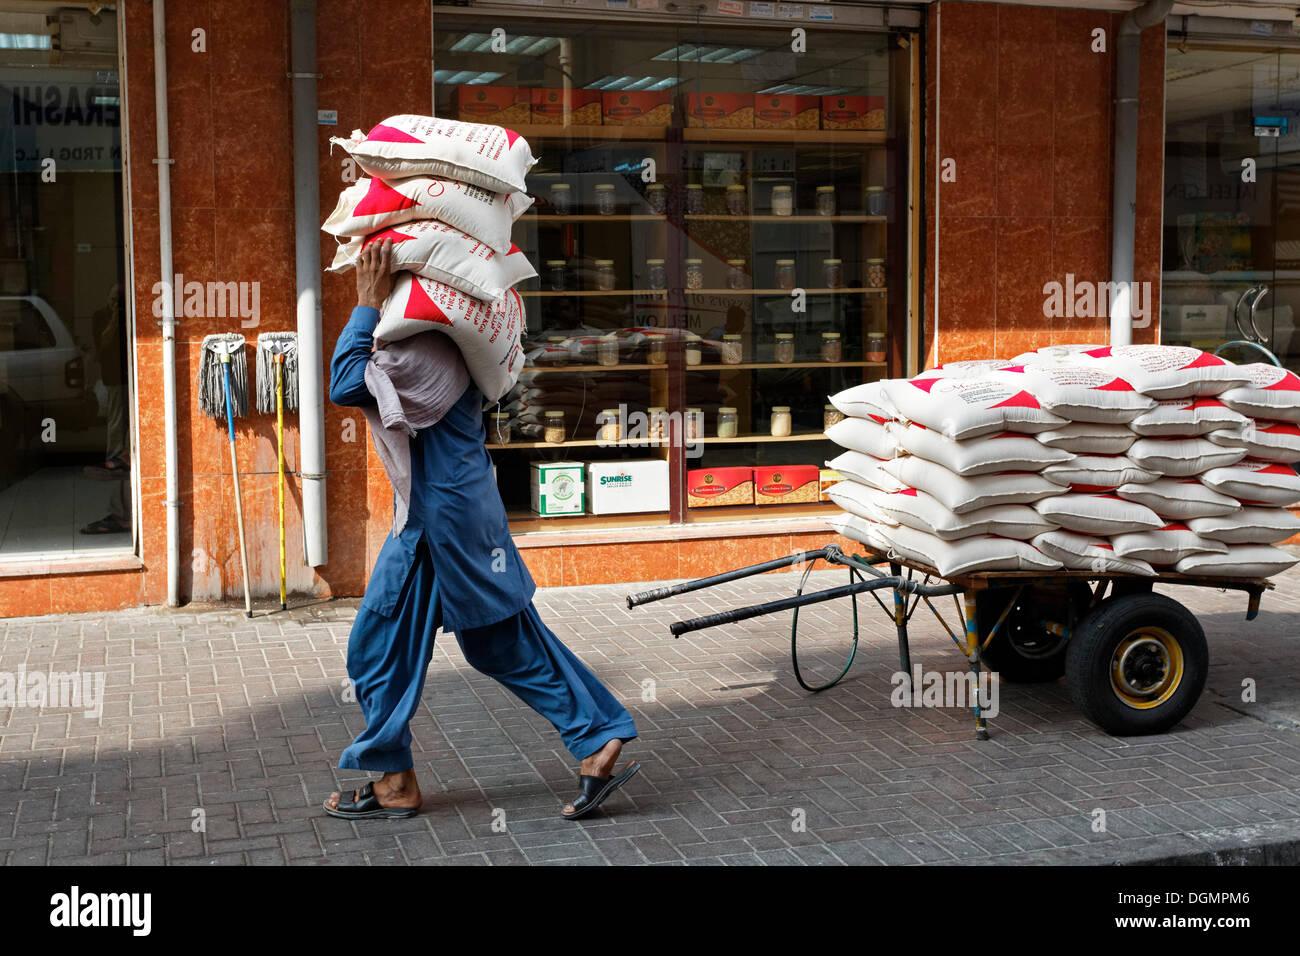 Travailleur portent des sacs de lentilles sur son épaule, le Vieux Souk, Deira, Dubaï, Émirats arabes Photo Stock